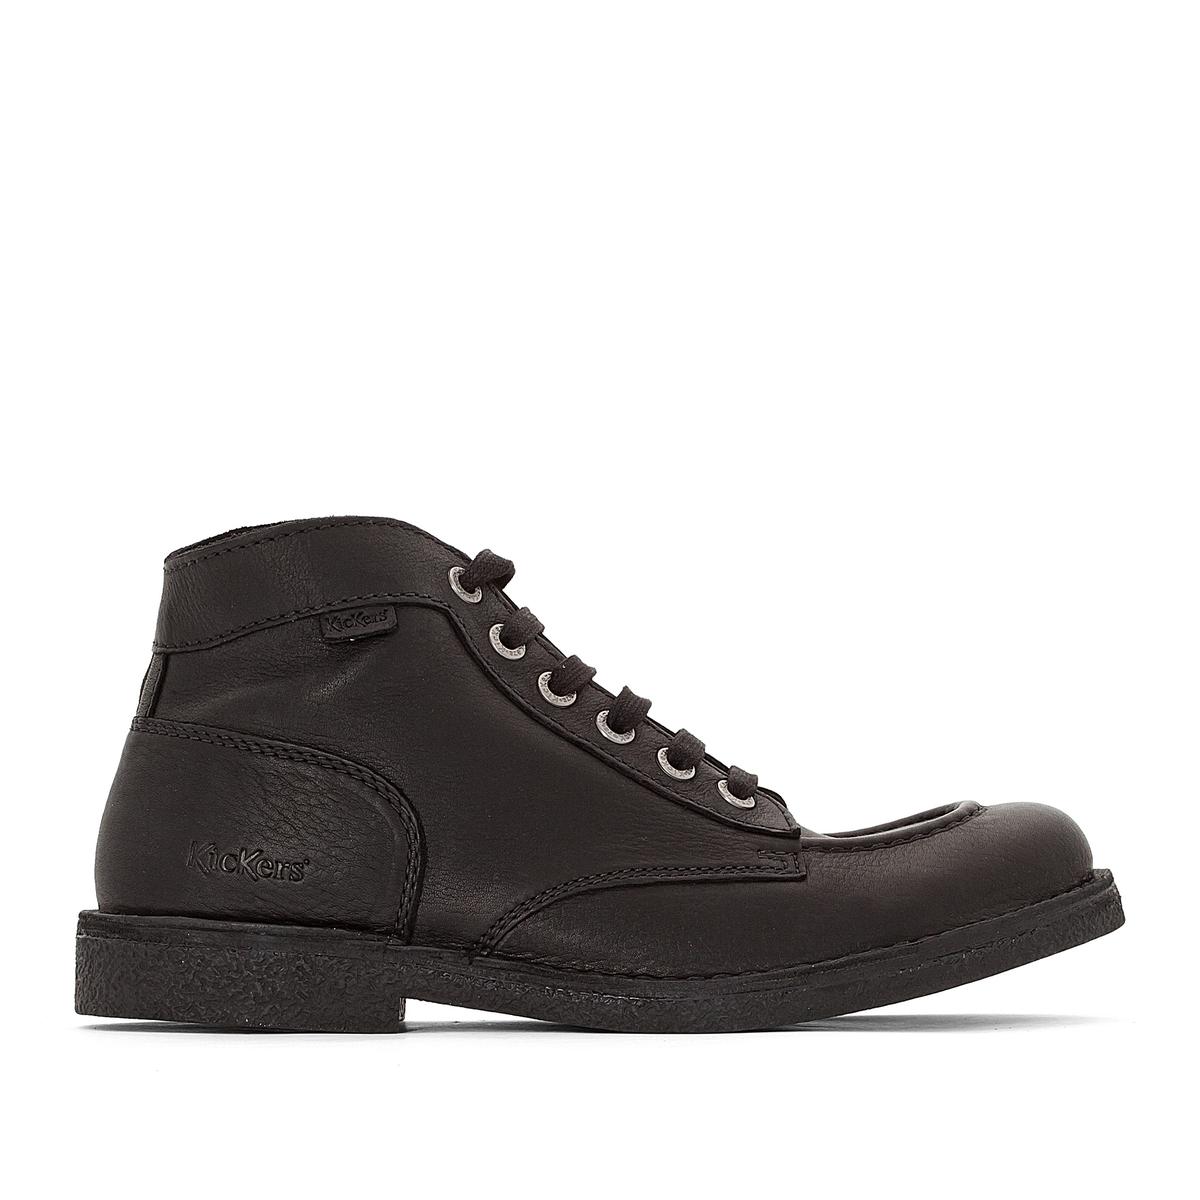 Ботильоны кожаные KickstonerПодкладка: без подкладки Стелька:невыделанная кожа  Подошва: каучукВысота каблука: 3 смВысота голенища: 12 см  Мысок: закругленный  Застежка: на шнуровку<br><br>Цвет: черный<br>Размер: 42.40